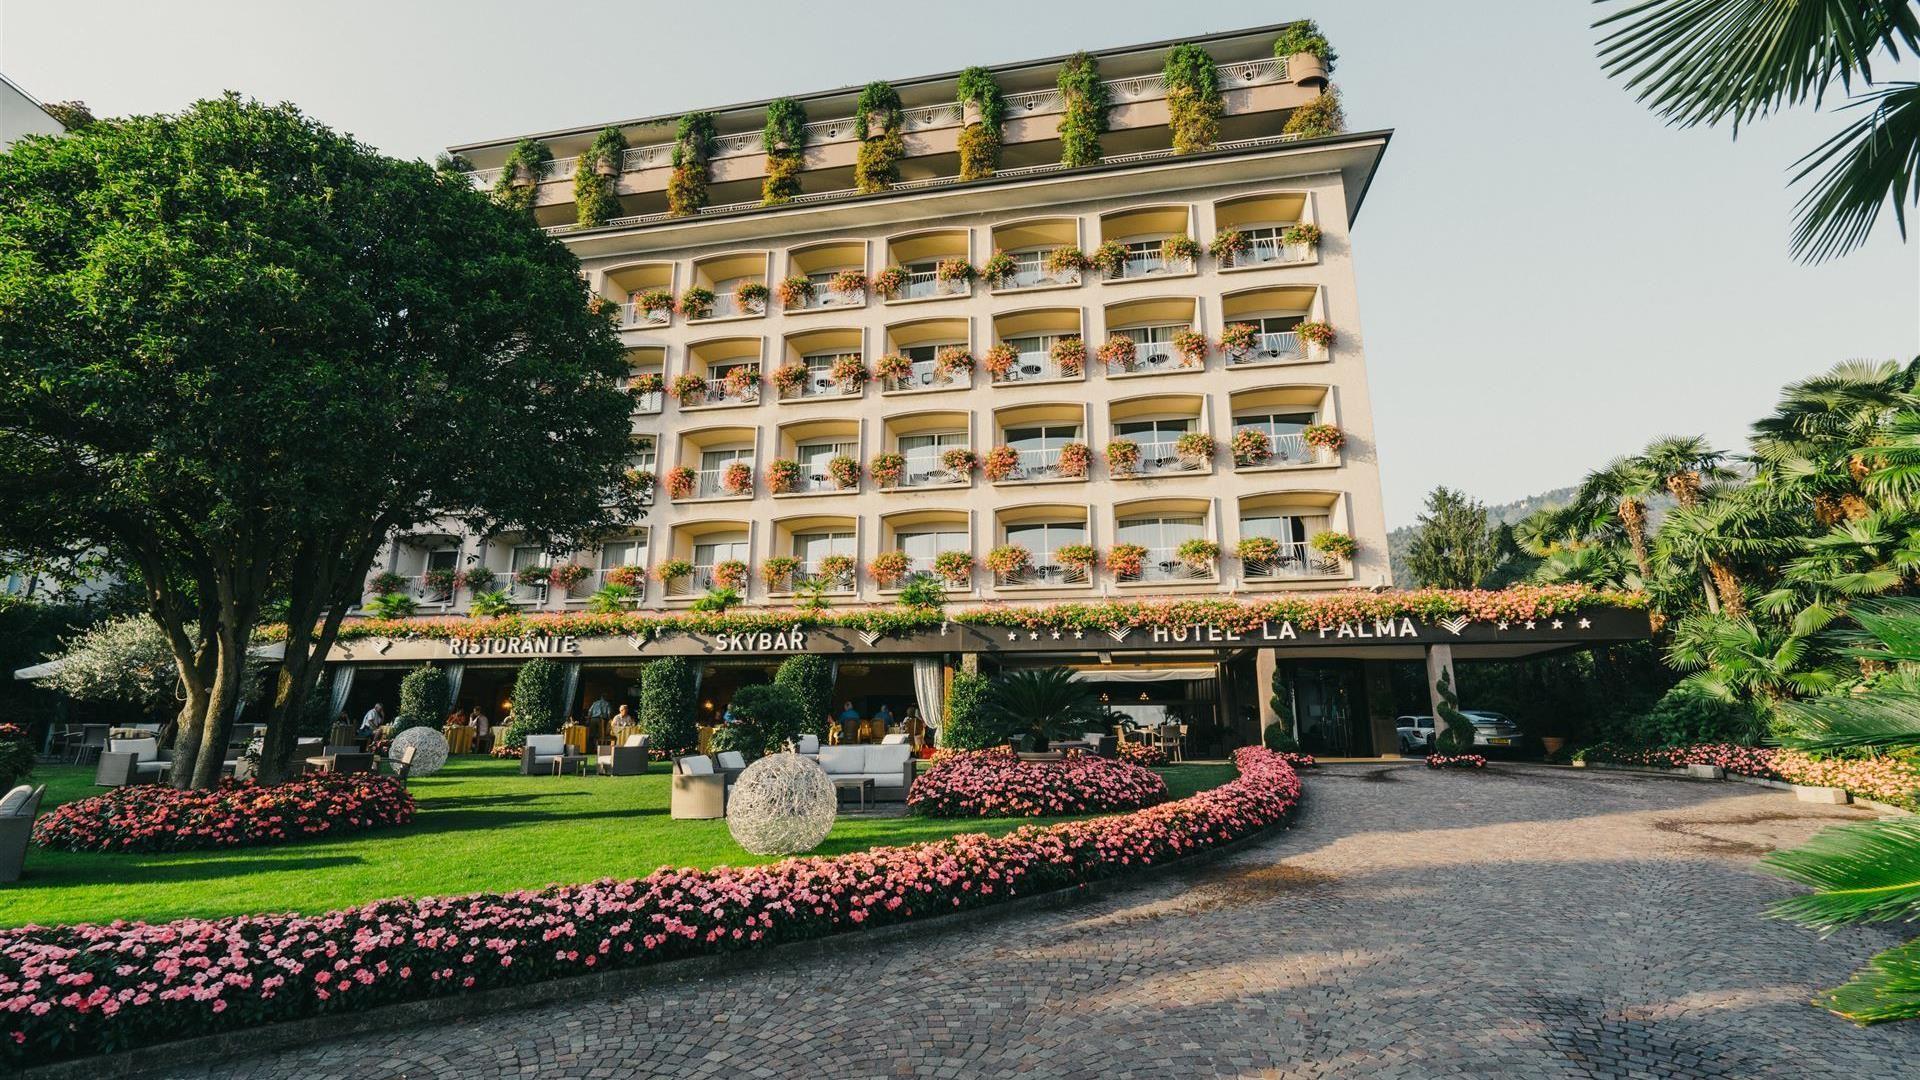 cr_foto-1-hotel_la_palma_138402